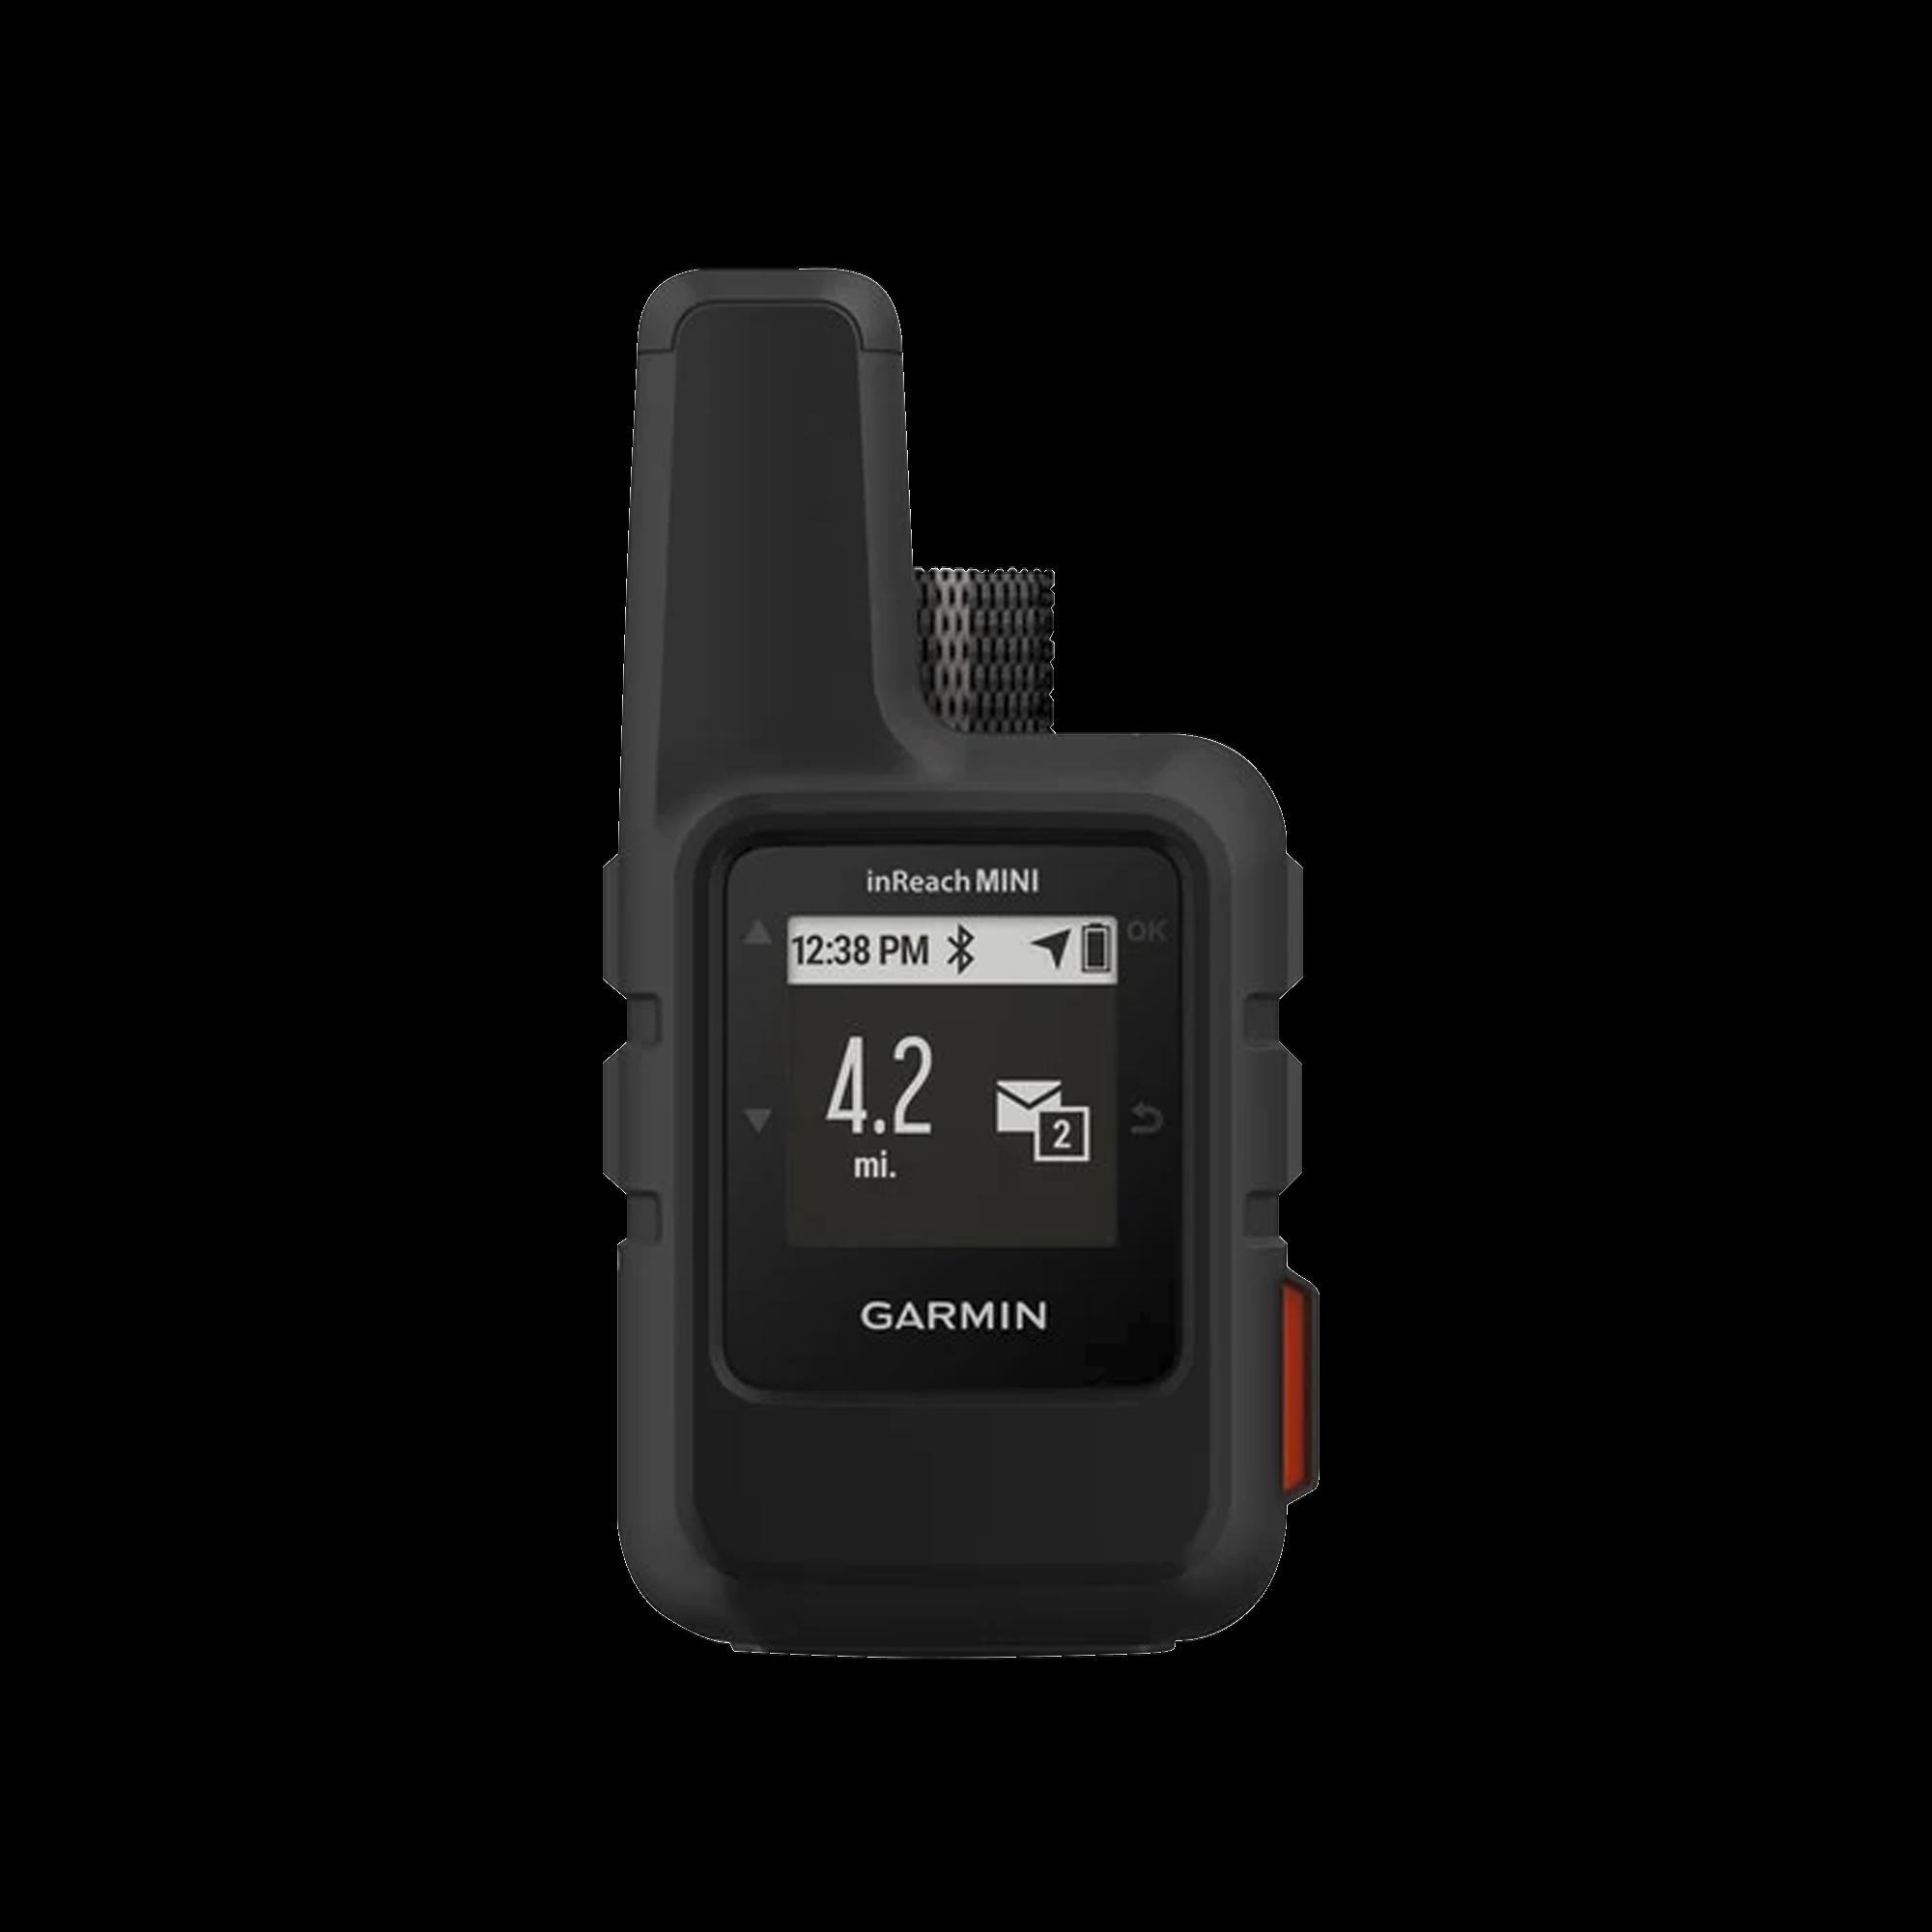 Navegador satelital InReach Mini, Cobertura global mediante la red Iridium, cuenta con botón de emergencia, batería para hasta 50 horas, GPS y brujula.